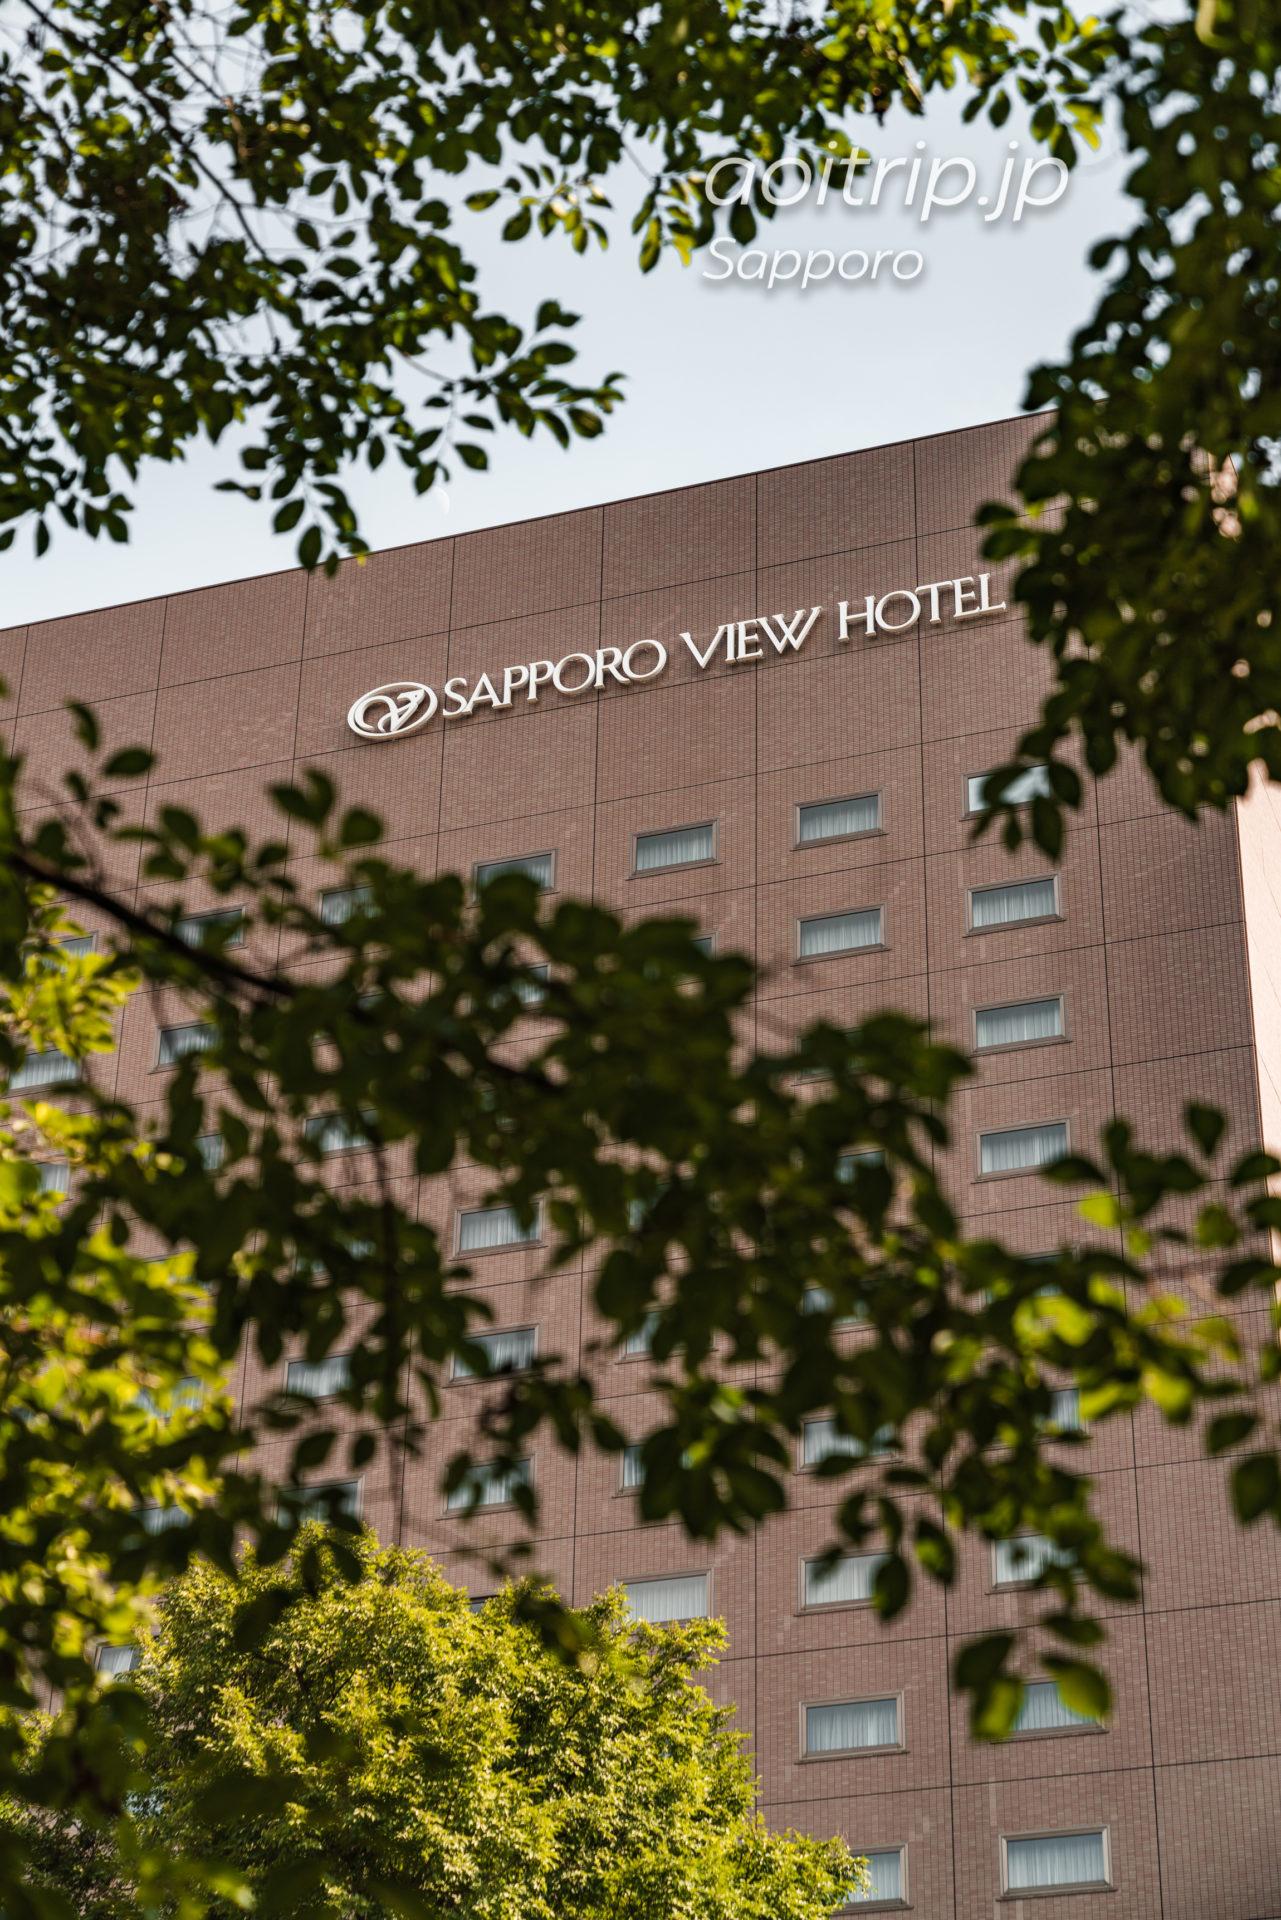 札幌ビューホテル大通公園 宿泊記|Sapporo View Hotel Odori Park